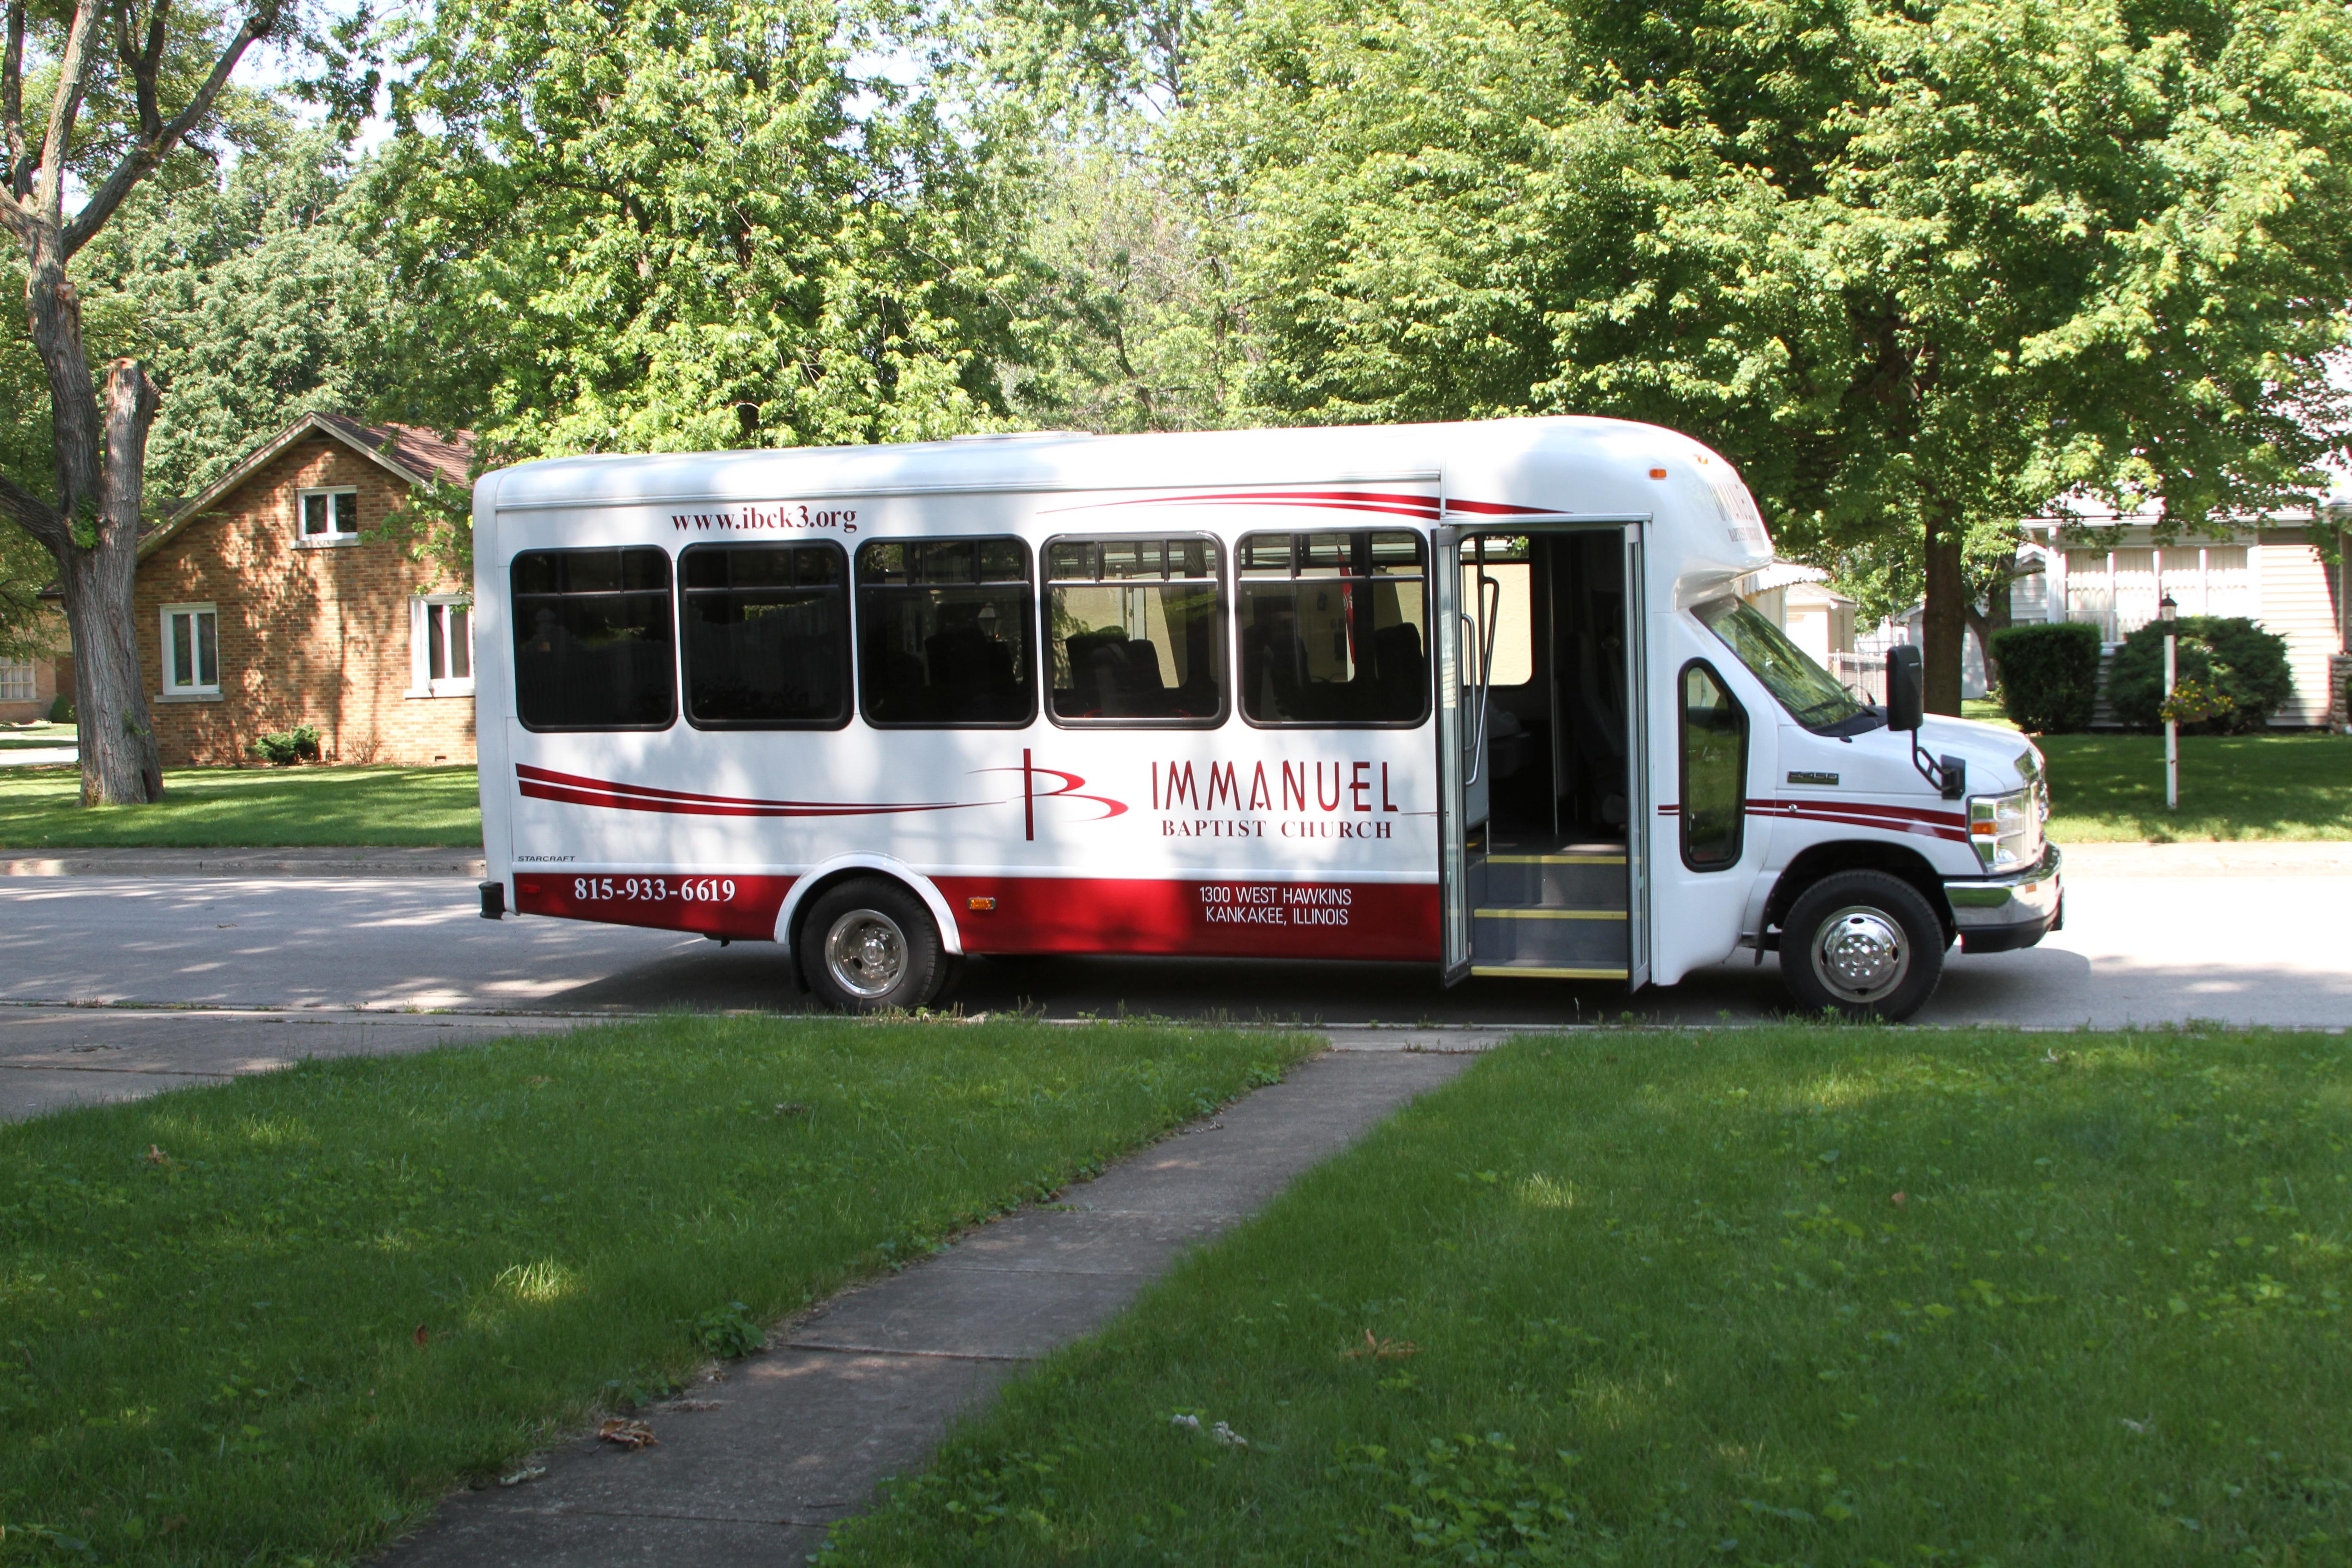 IBC bus